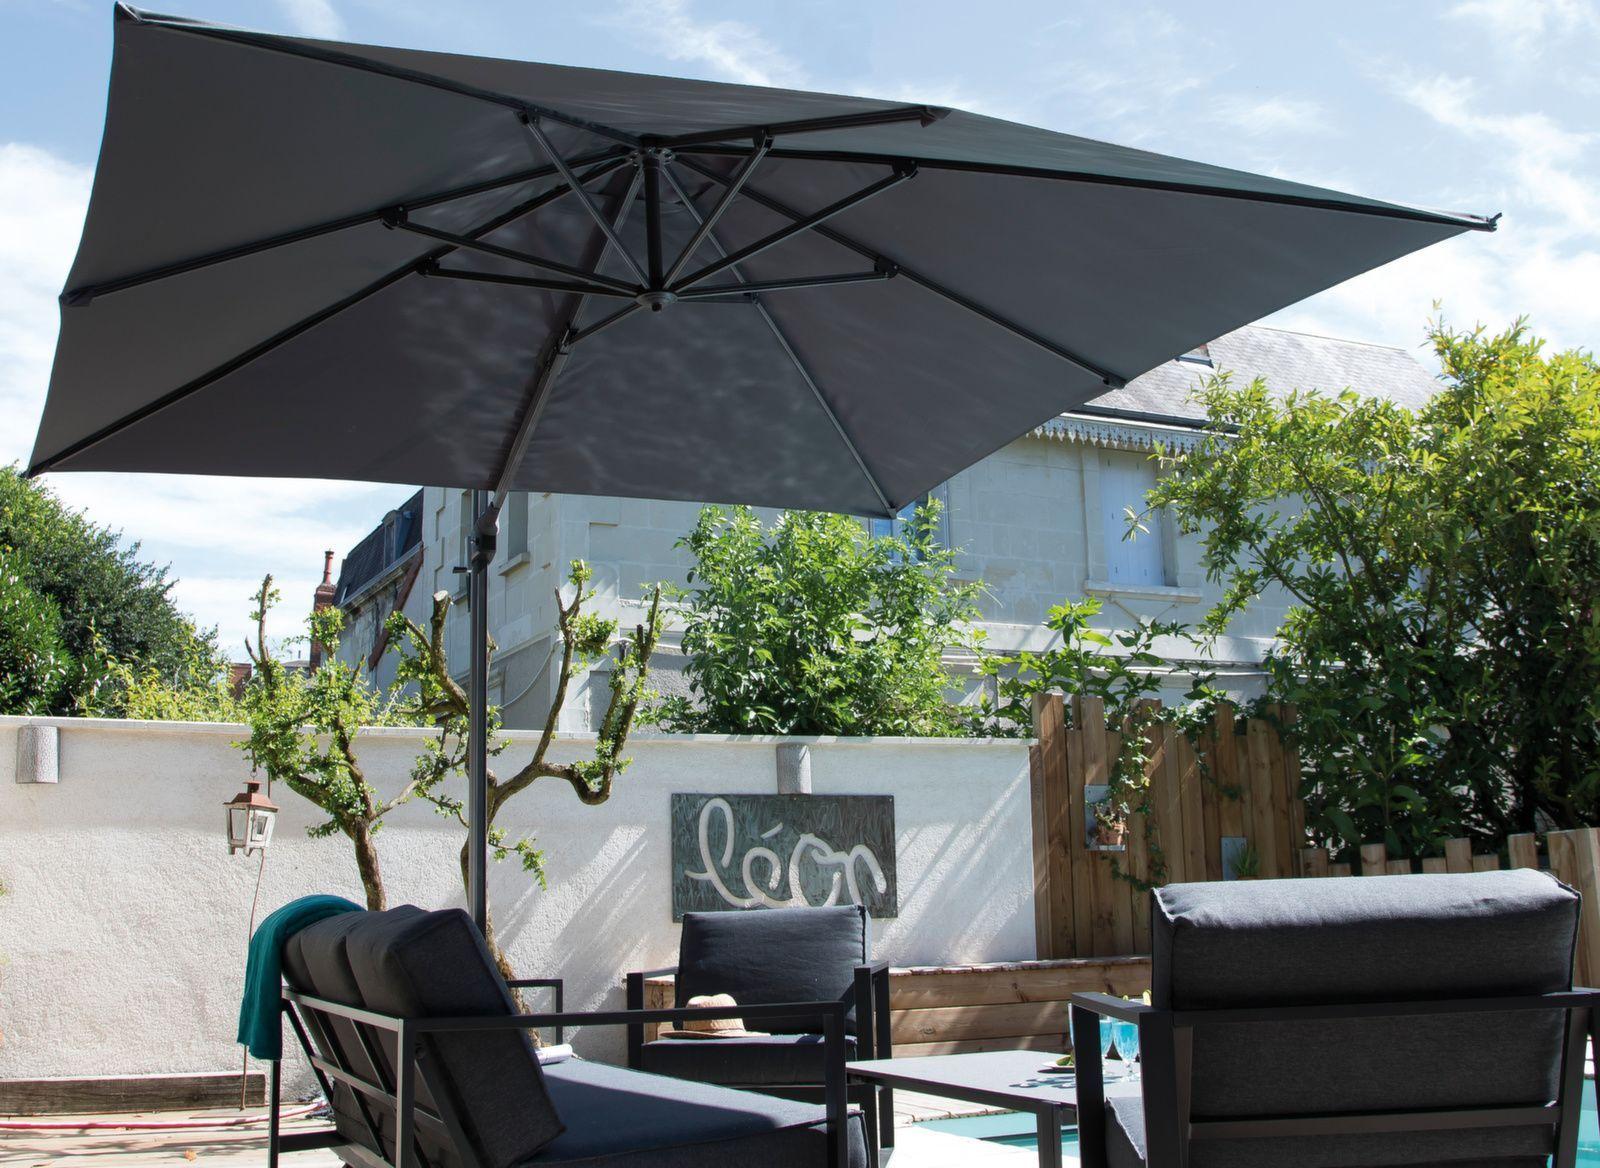 Kun Haluat Maisemaan Sulautuvan Aurinkovarjon Vari On Tyylikas Harmaa Aurinkovarjo Aurinkosuoja Tasalankaihdin In 2020 Kaihdin Varjo Harmaa